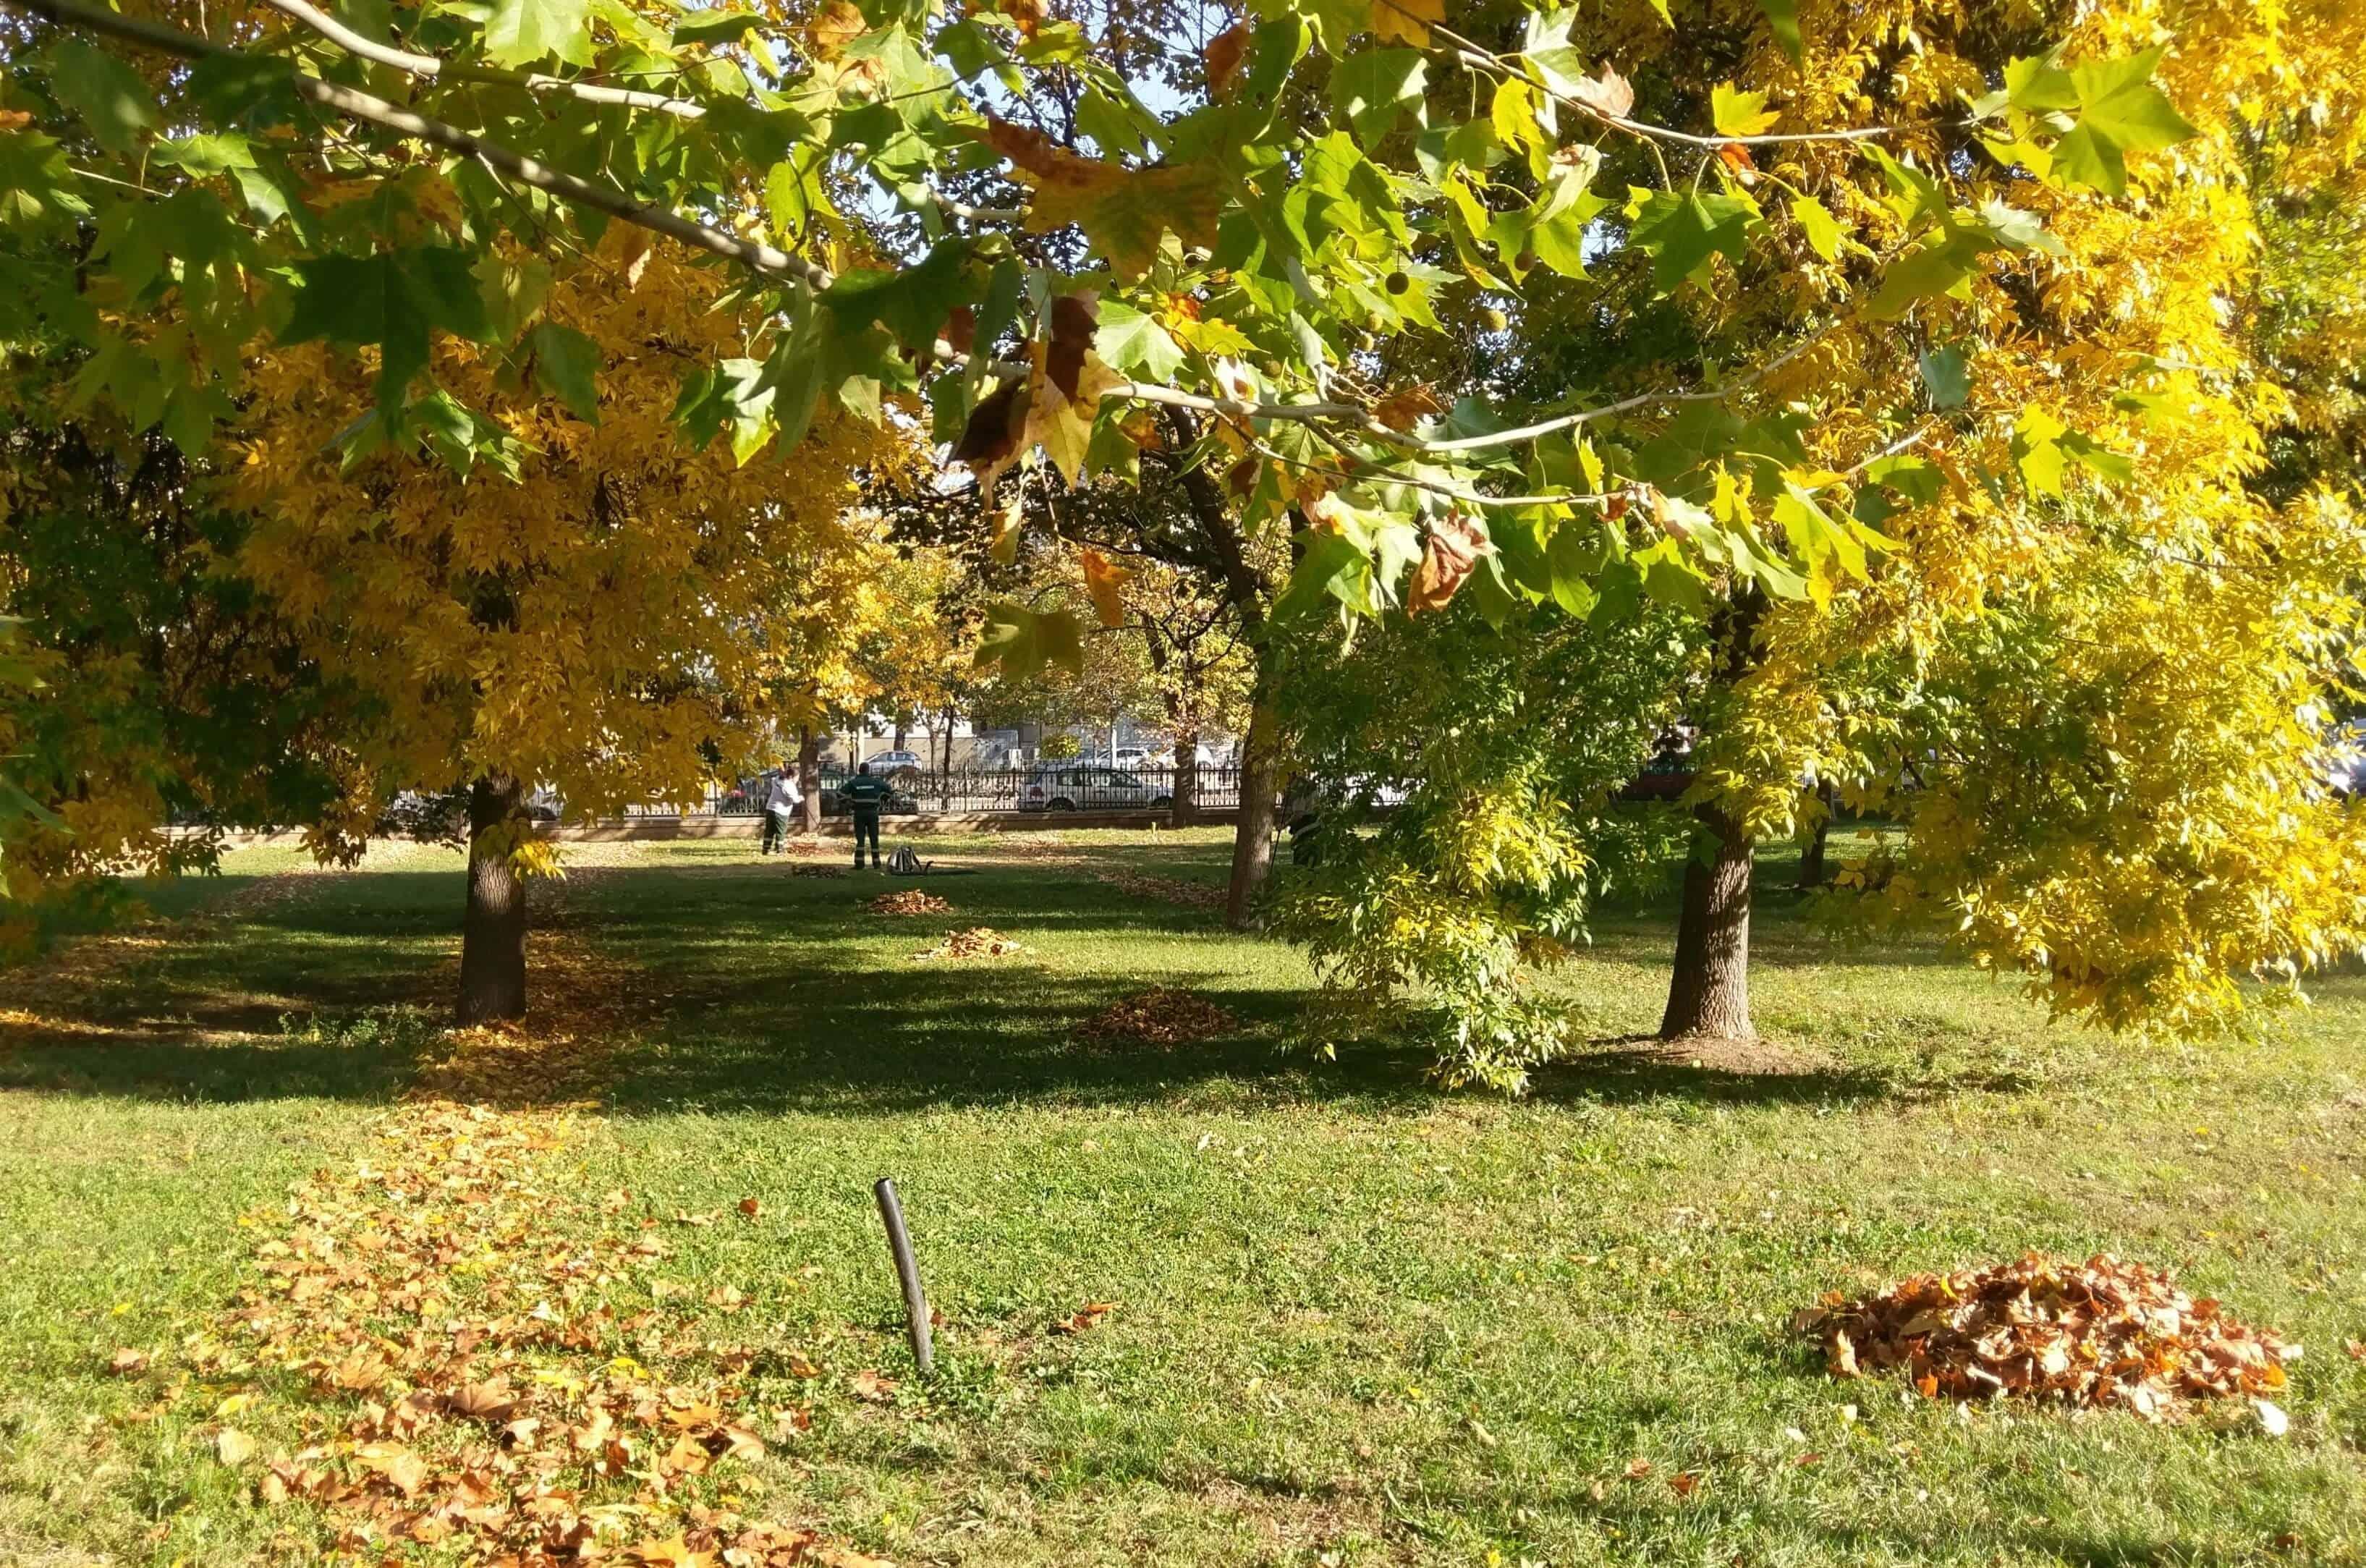 stransul frunzelor in Parcul Izvor octombrie 2017